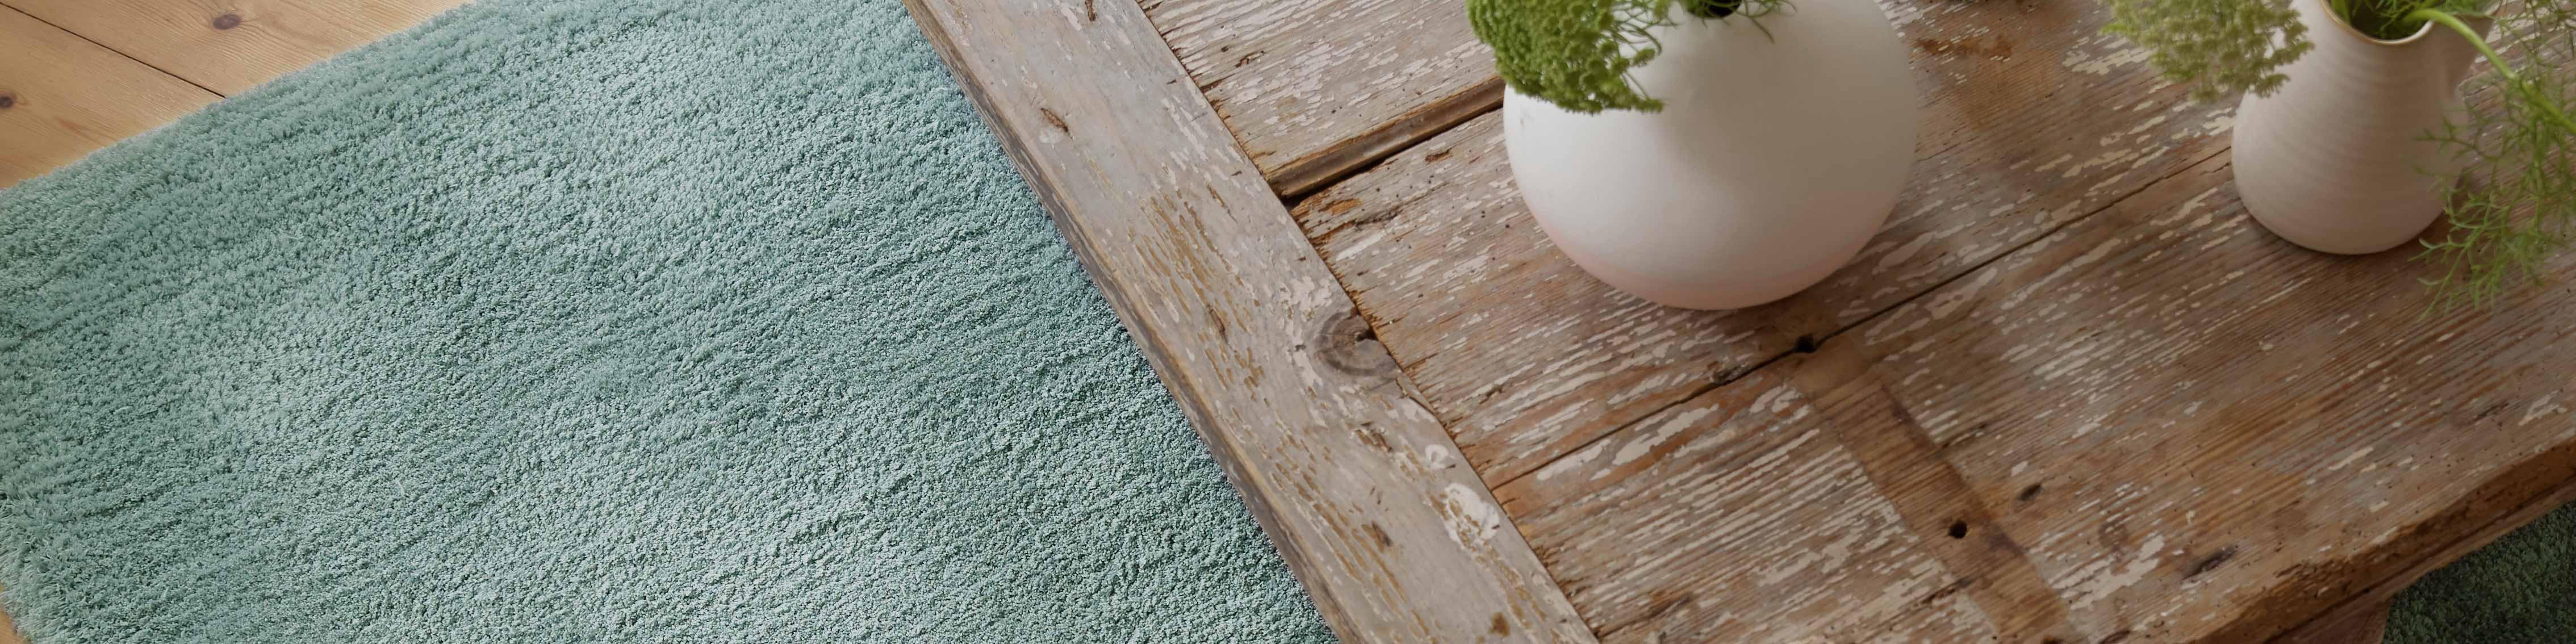 Tapis bleu et vert : la couleur déco